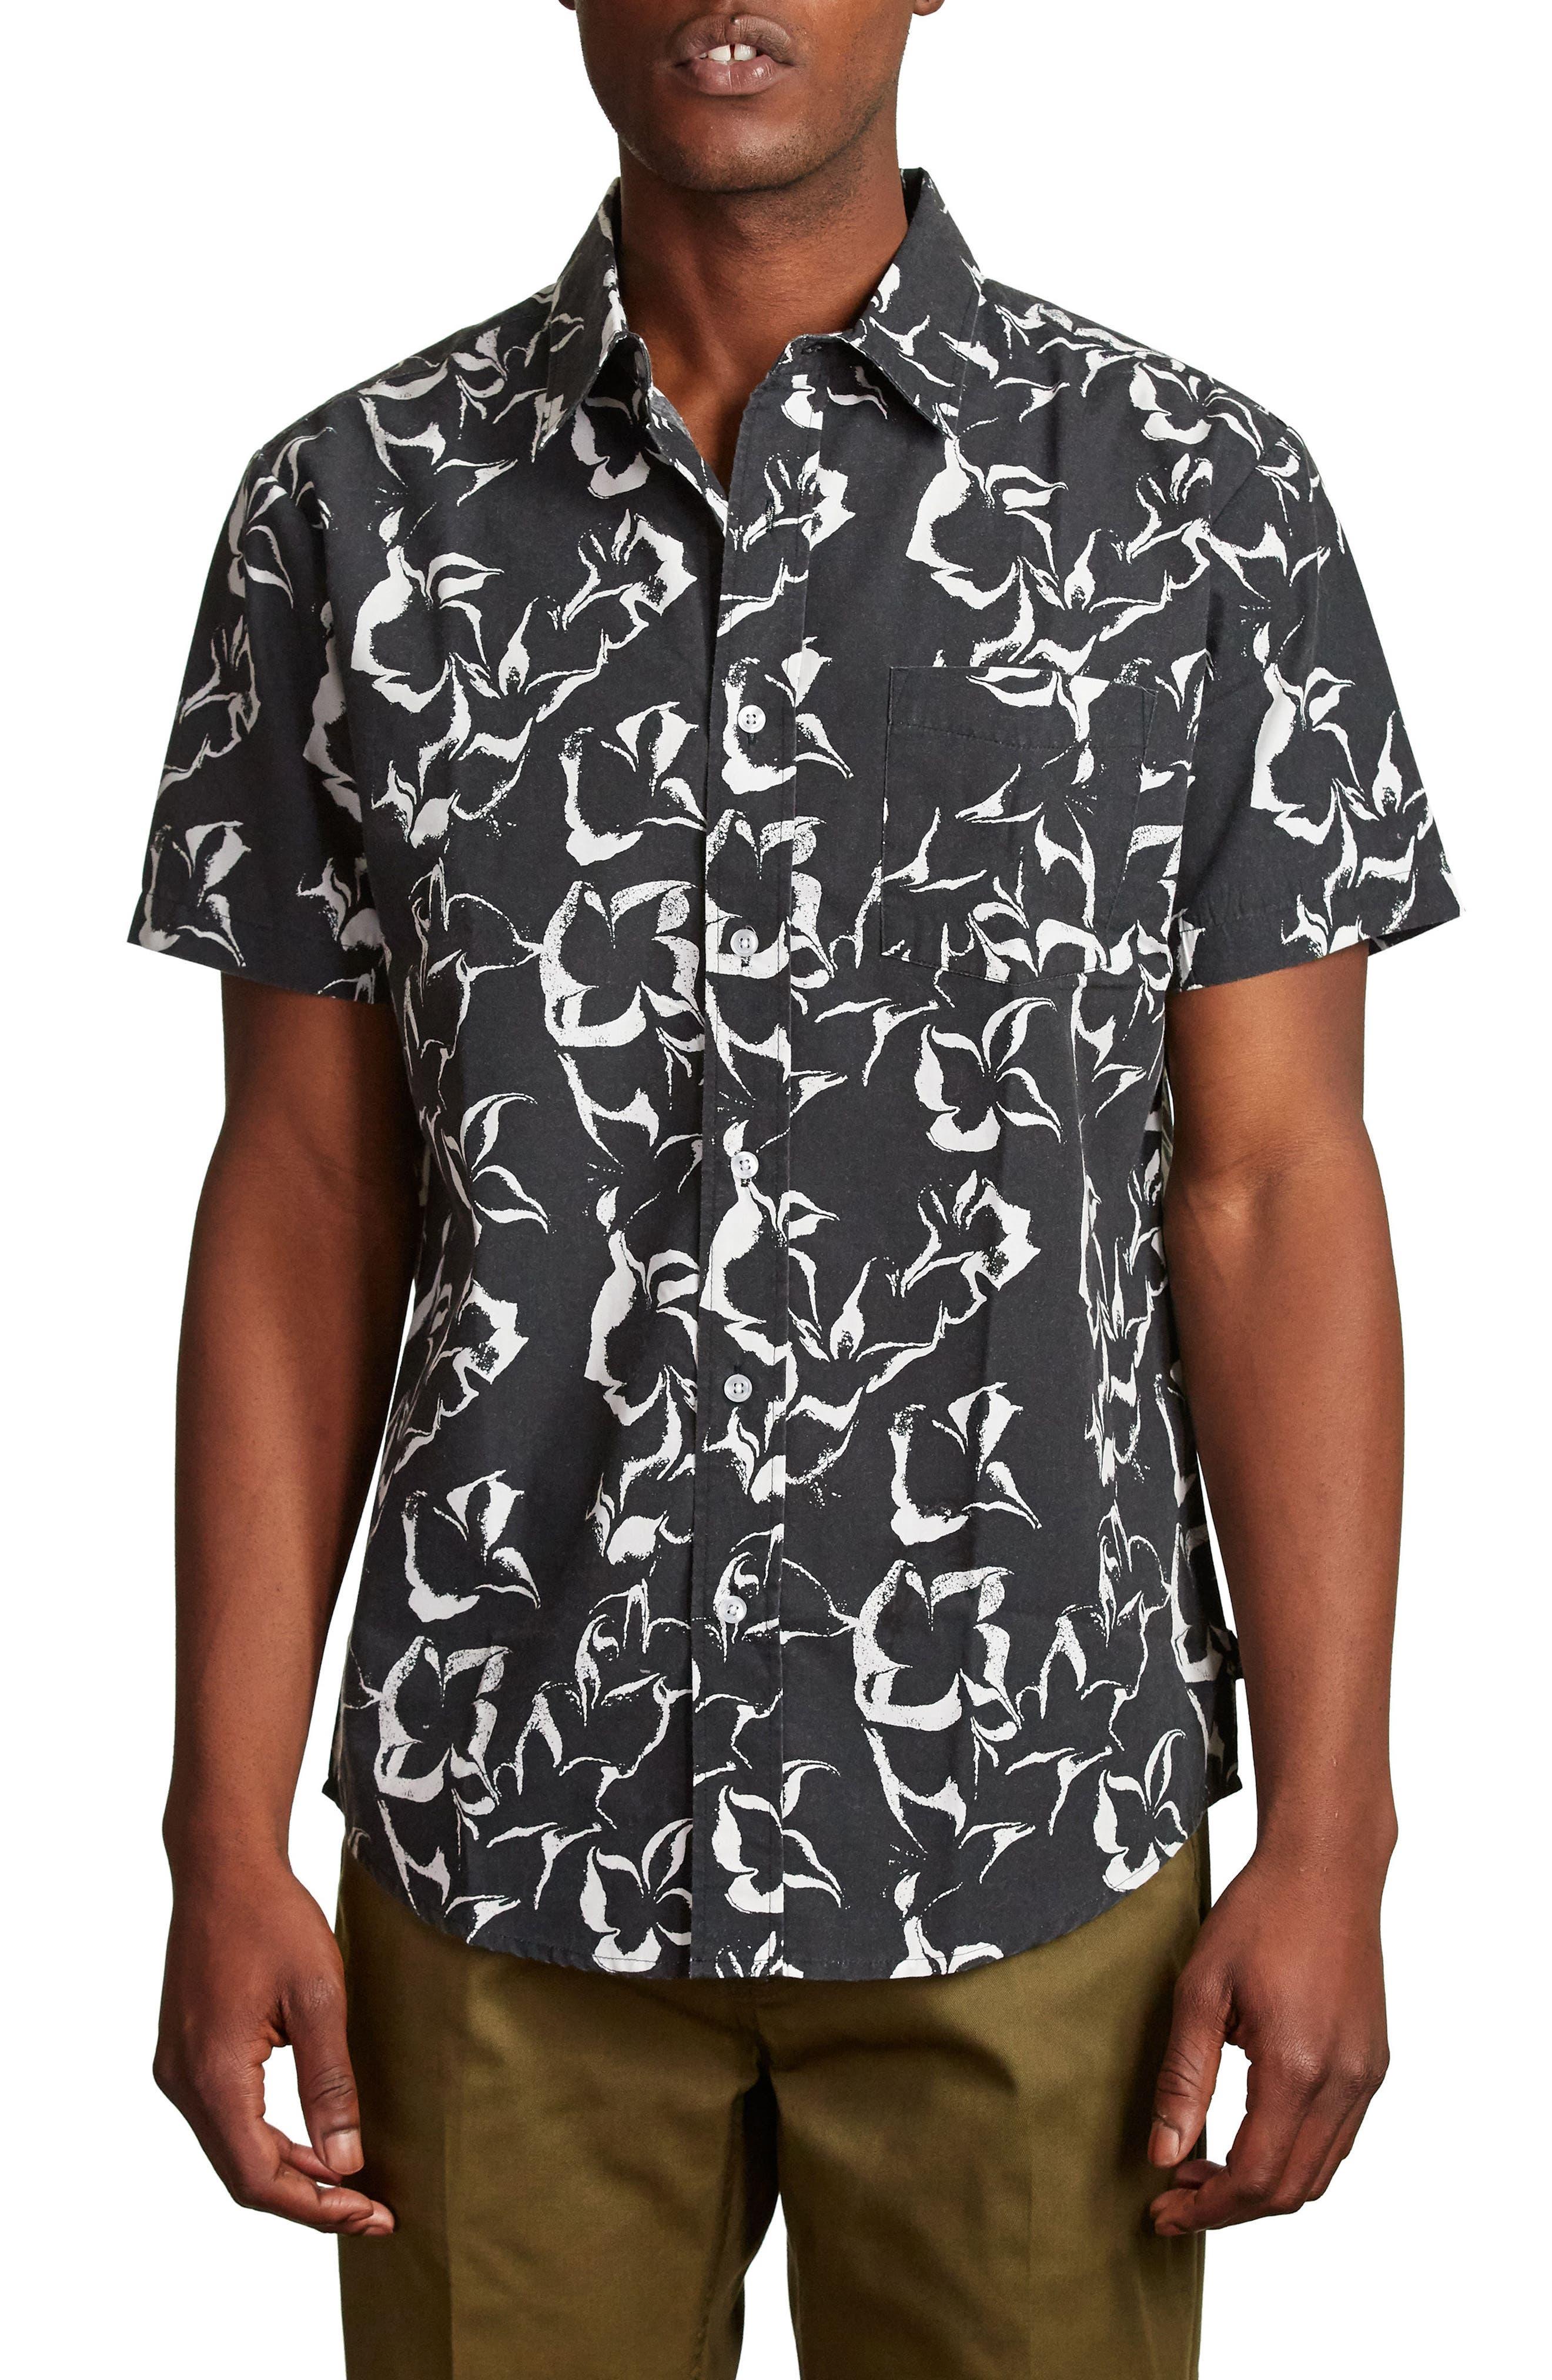 Stuart Woven Shirt,                             Main thumbnail 1, color,                             001